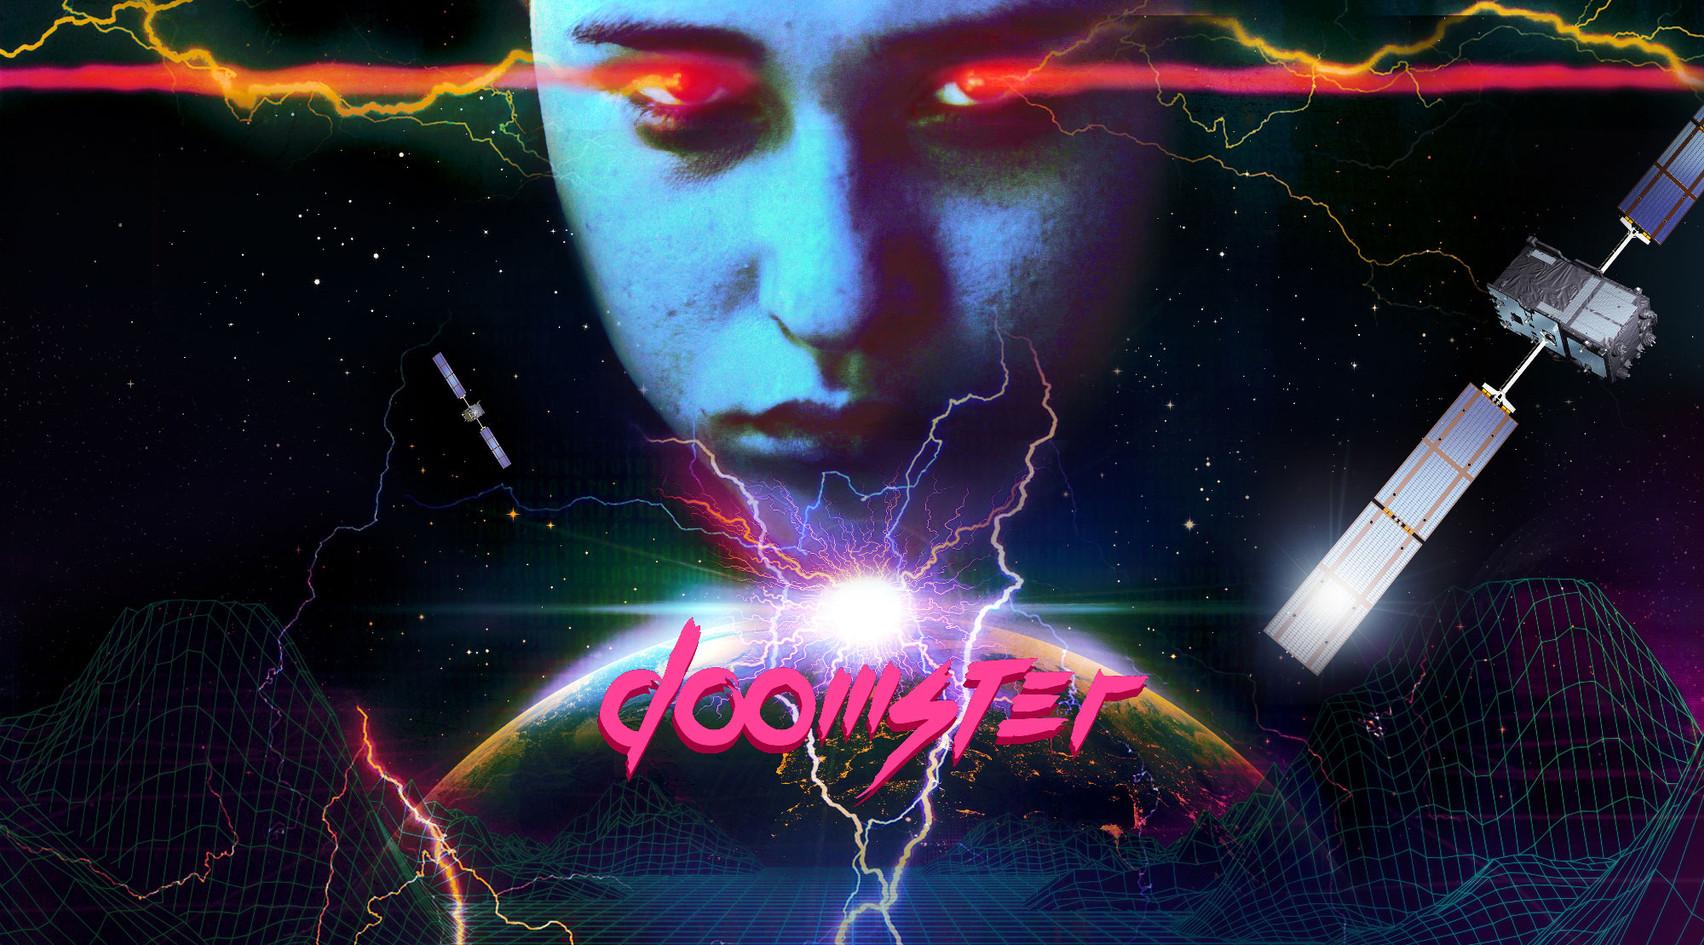 Doomster VHS Artwork